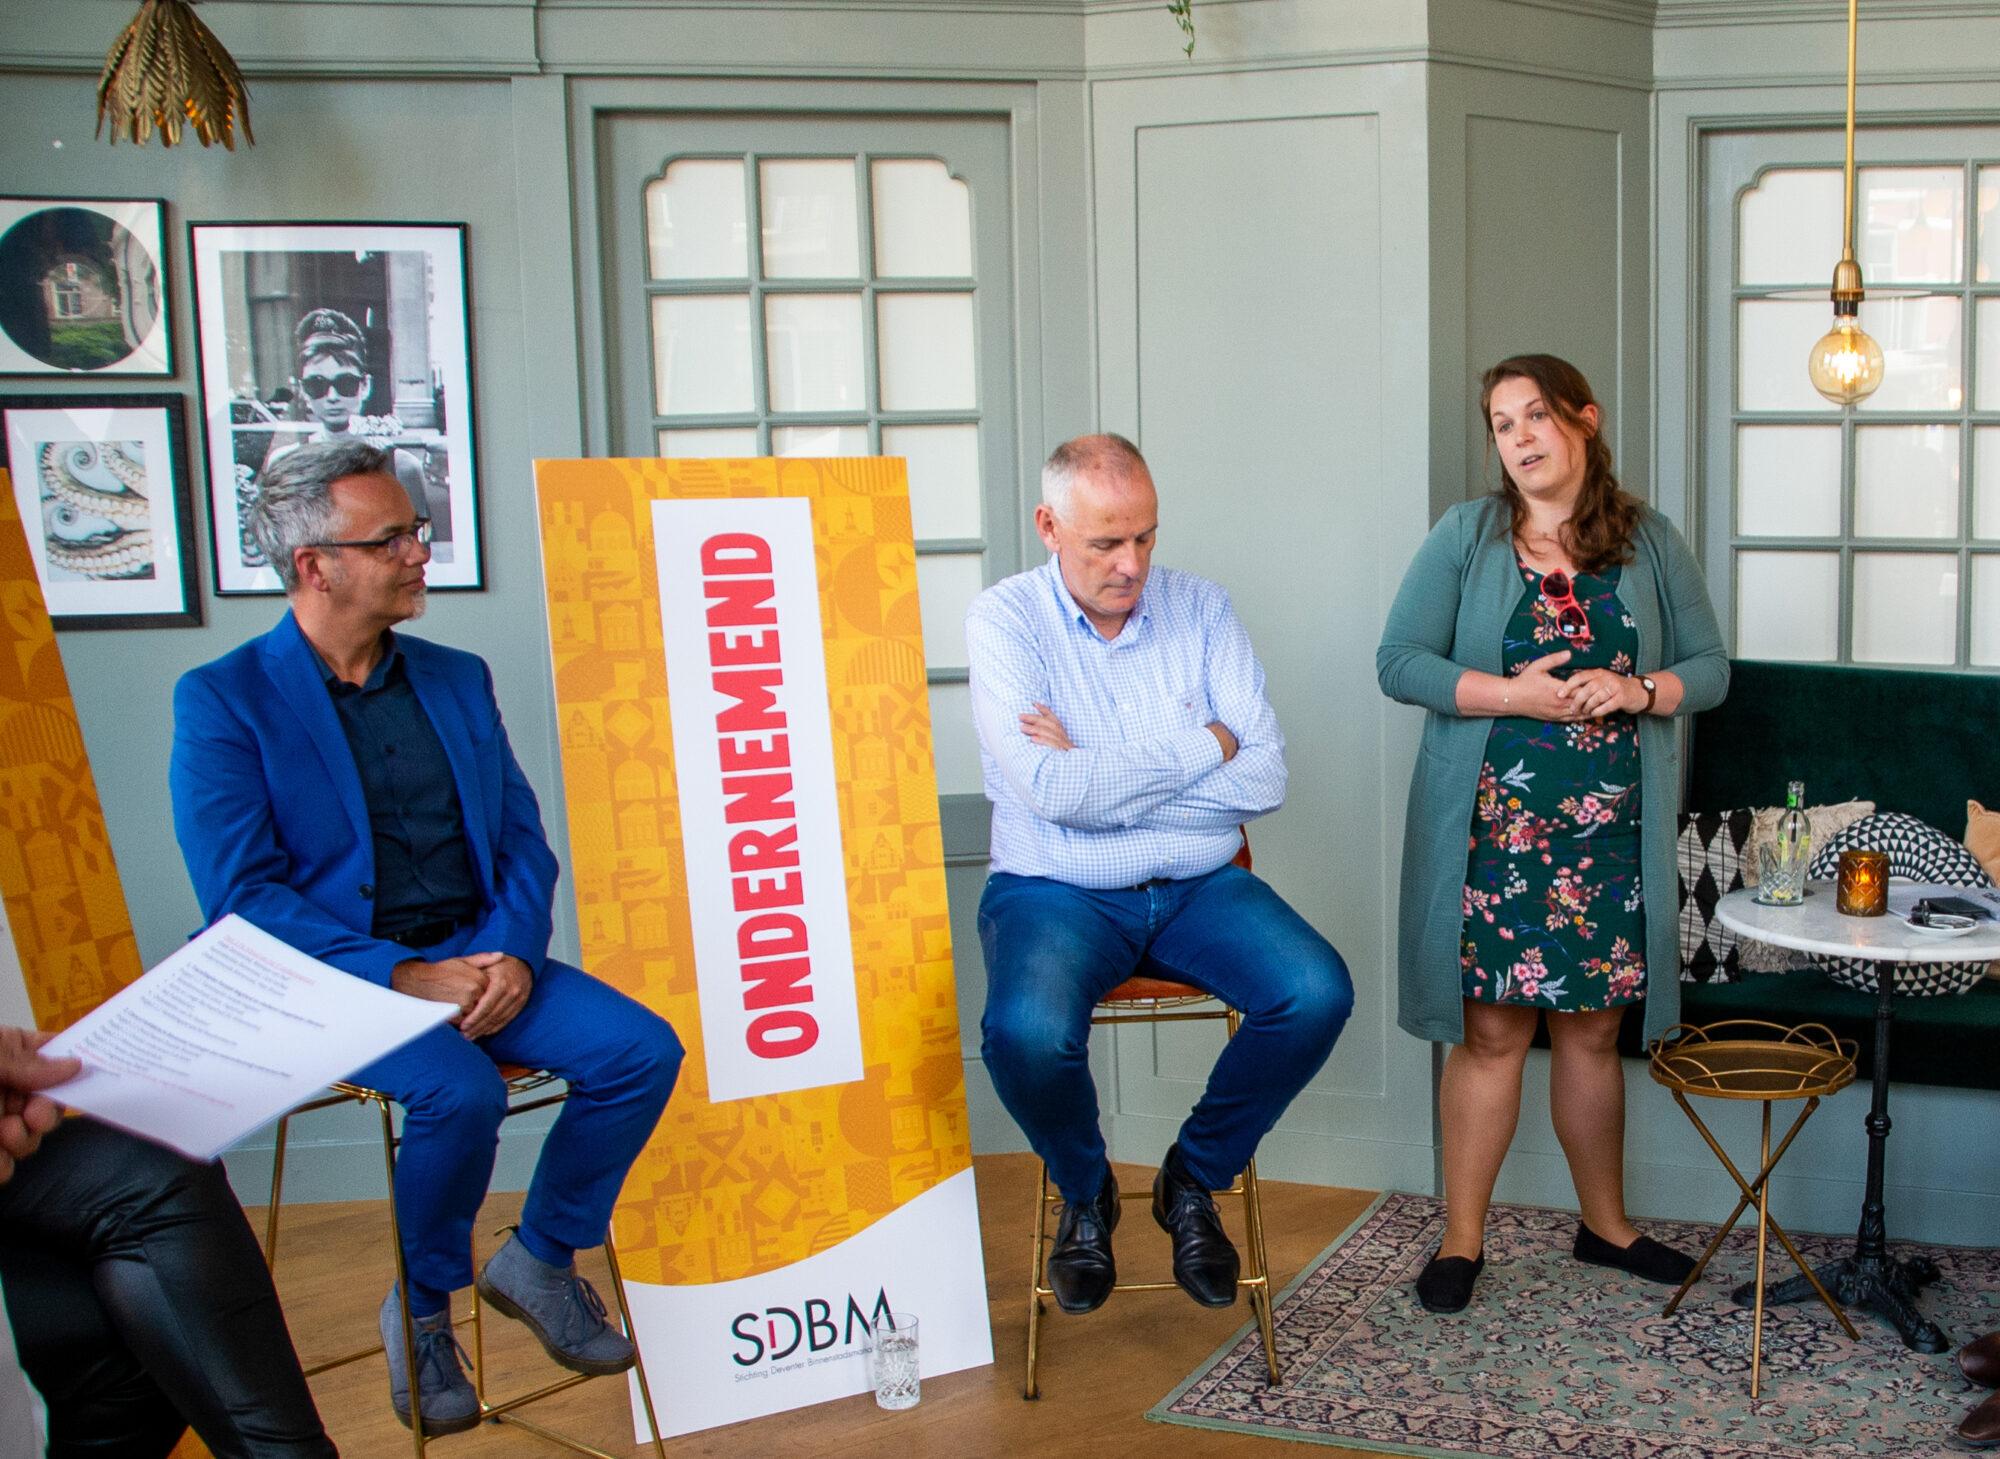 'Deventer binnenstad verandert van place to buy naar place to be'